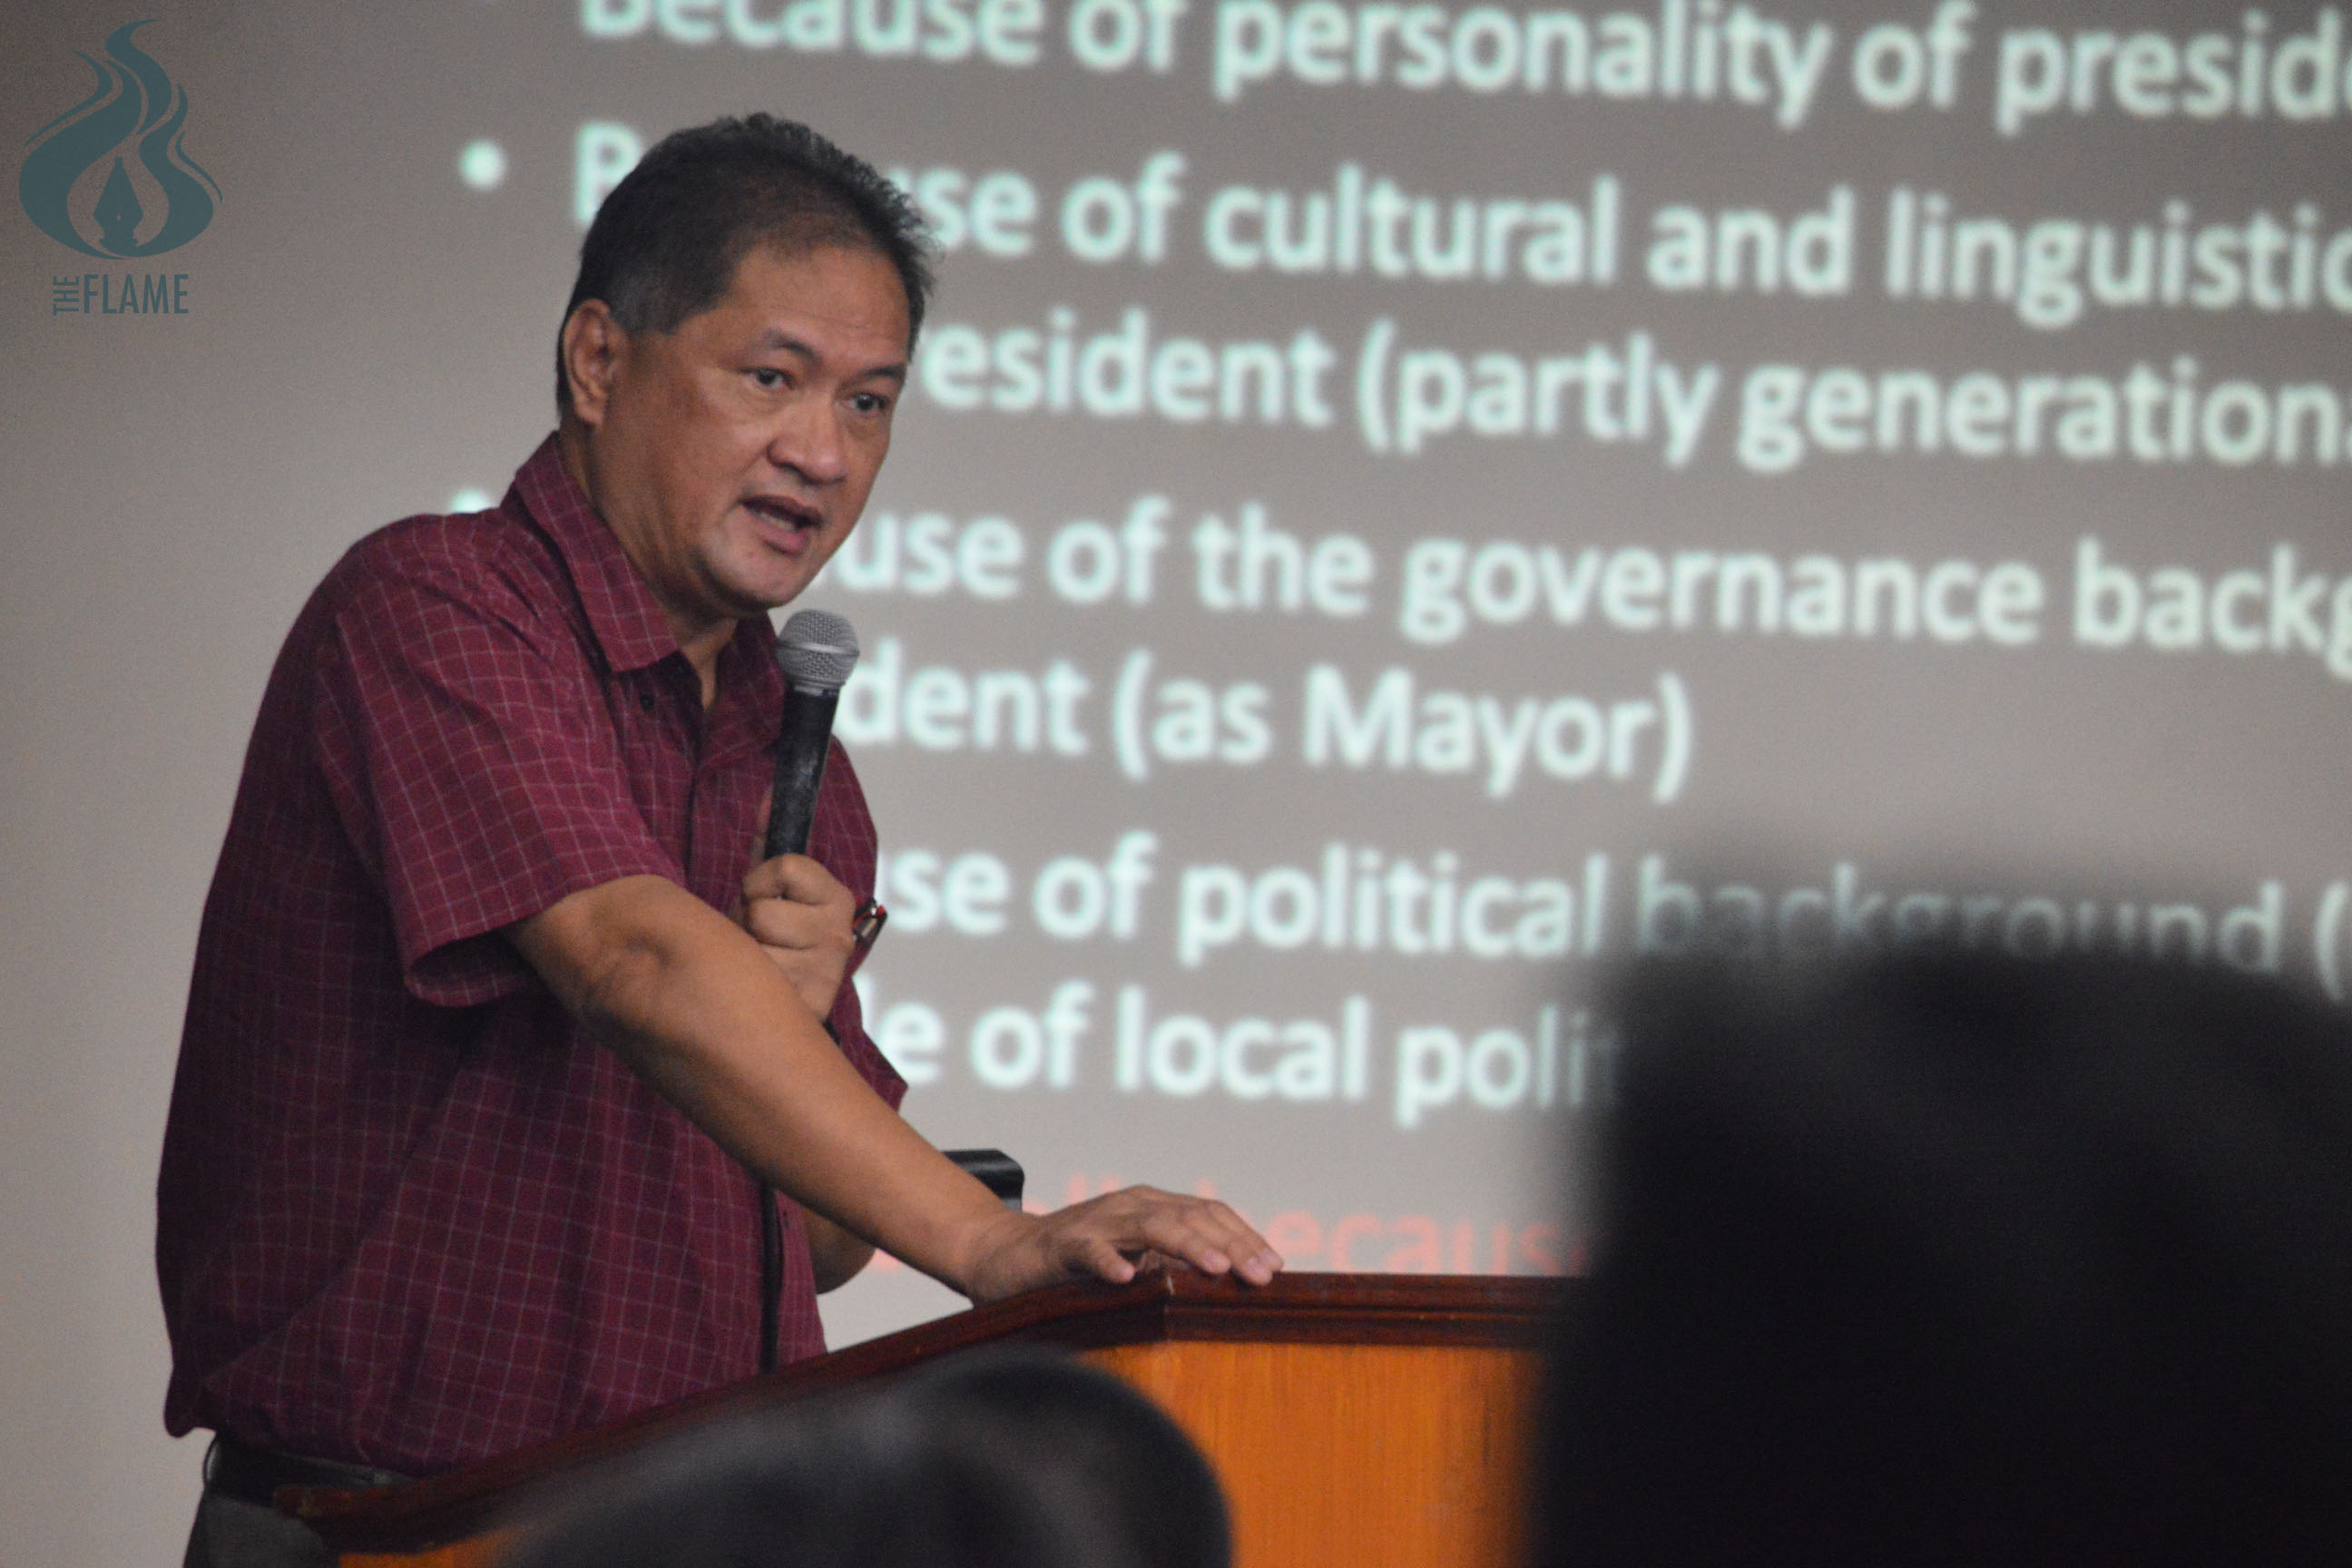 Duterte's 100 days not just war vs. drugs – PolSci profs